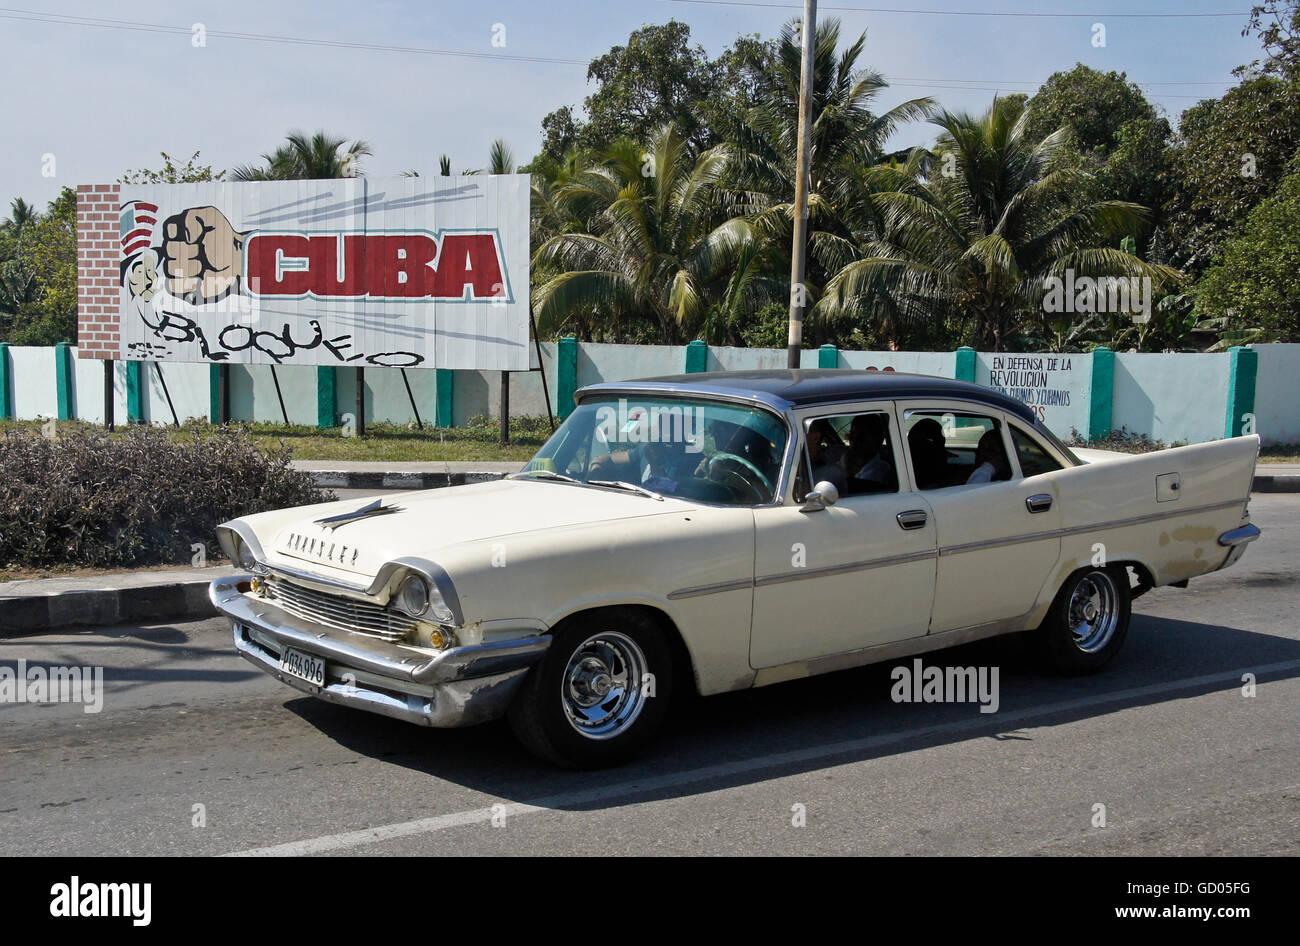 Vieux taxi Chrysler passe un panneau pour protester contre l'embargo américain, La Havane, Cuba Photo Stock